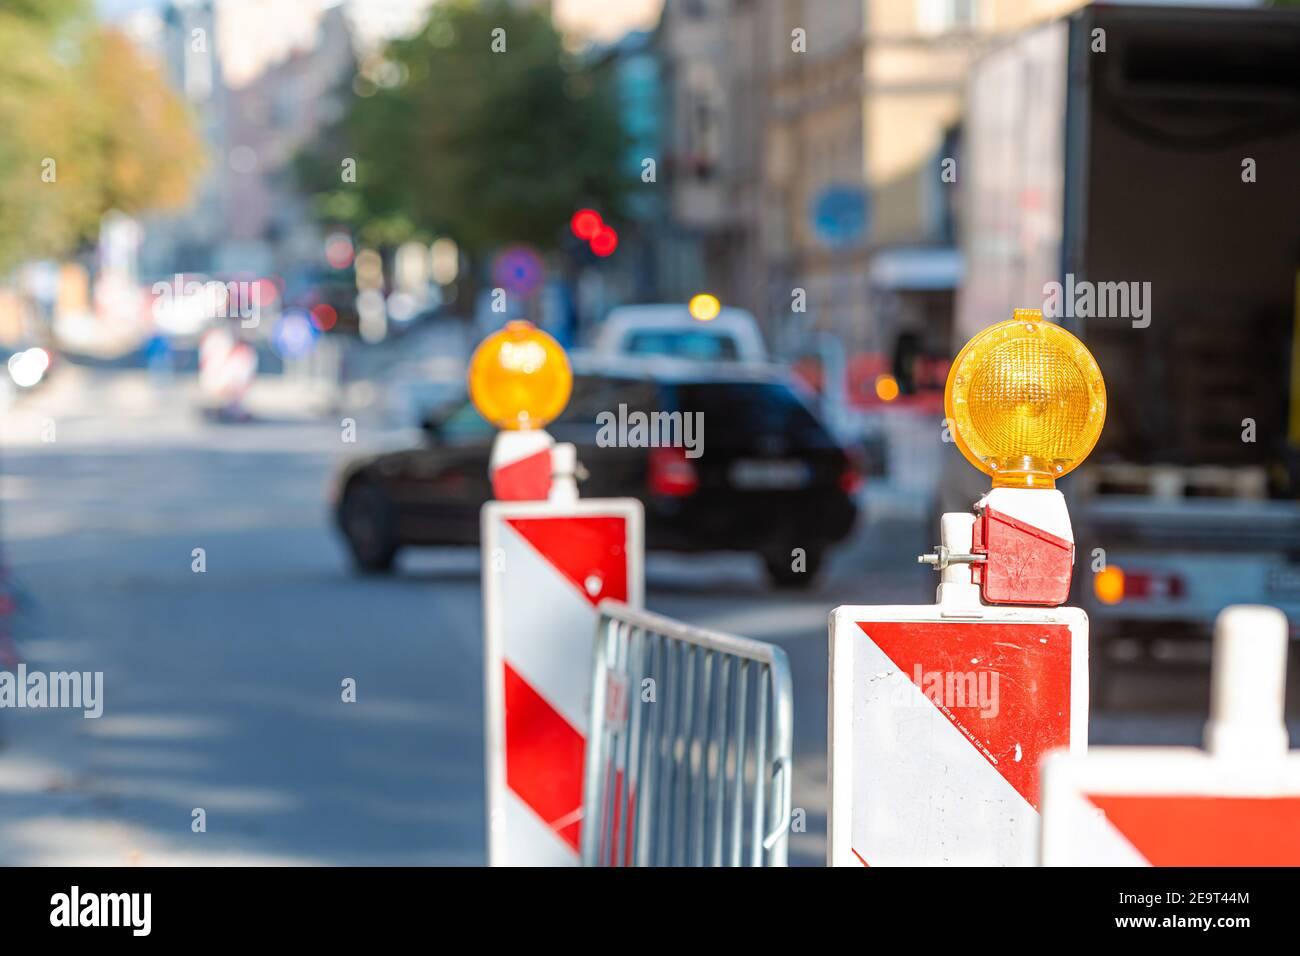 postes de advertencia con señal de luz naranja en la carretera sobre trabajos de reparación, calle borrosa con los coches sobre el fondo Foto de stock